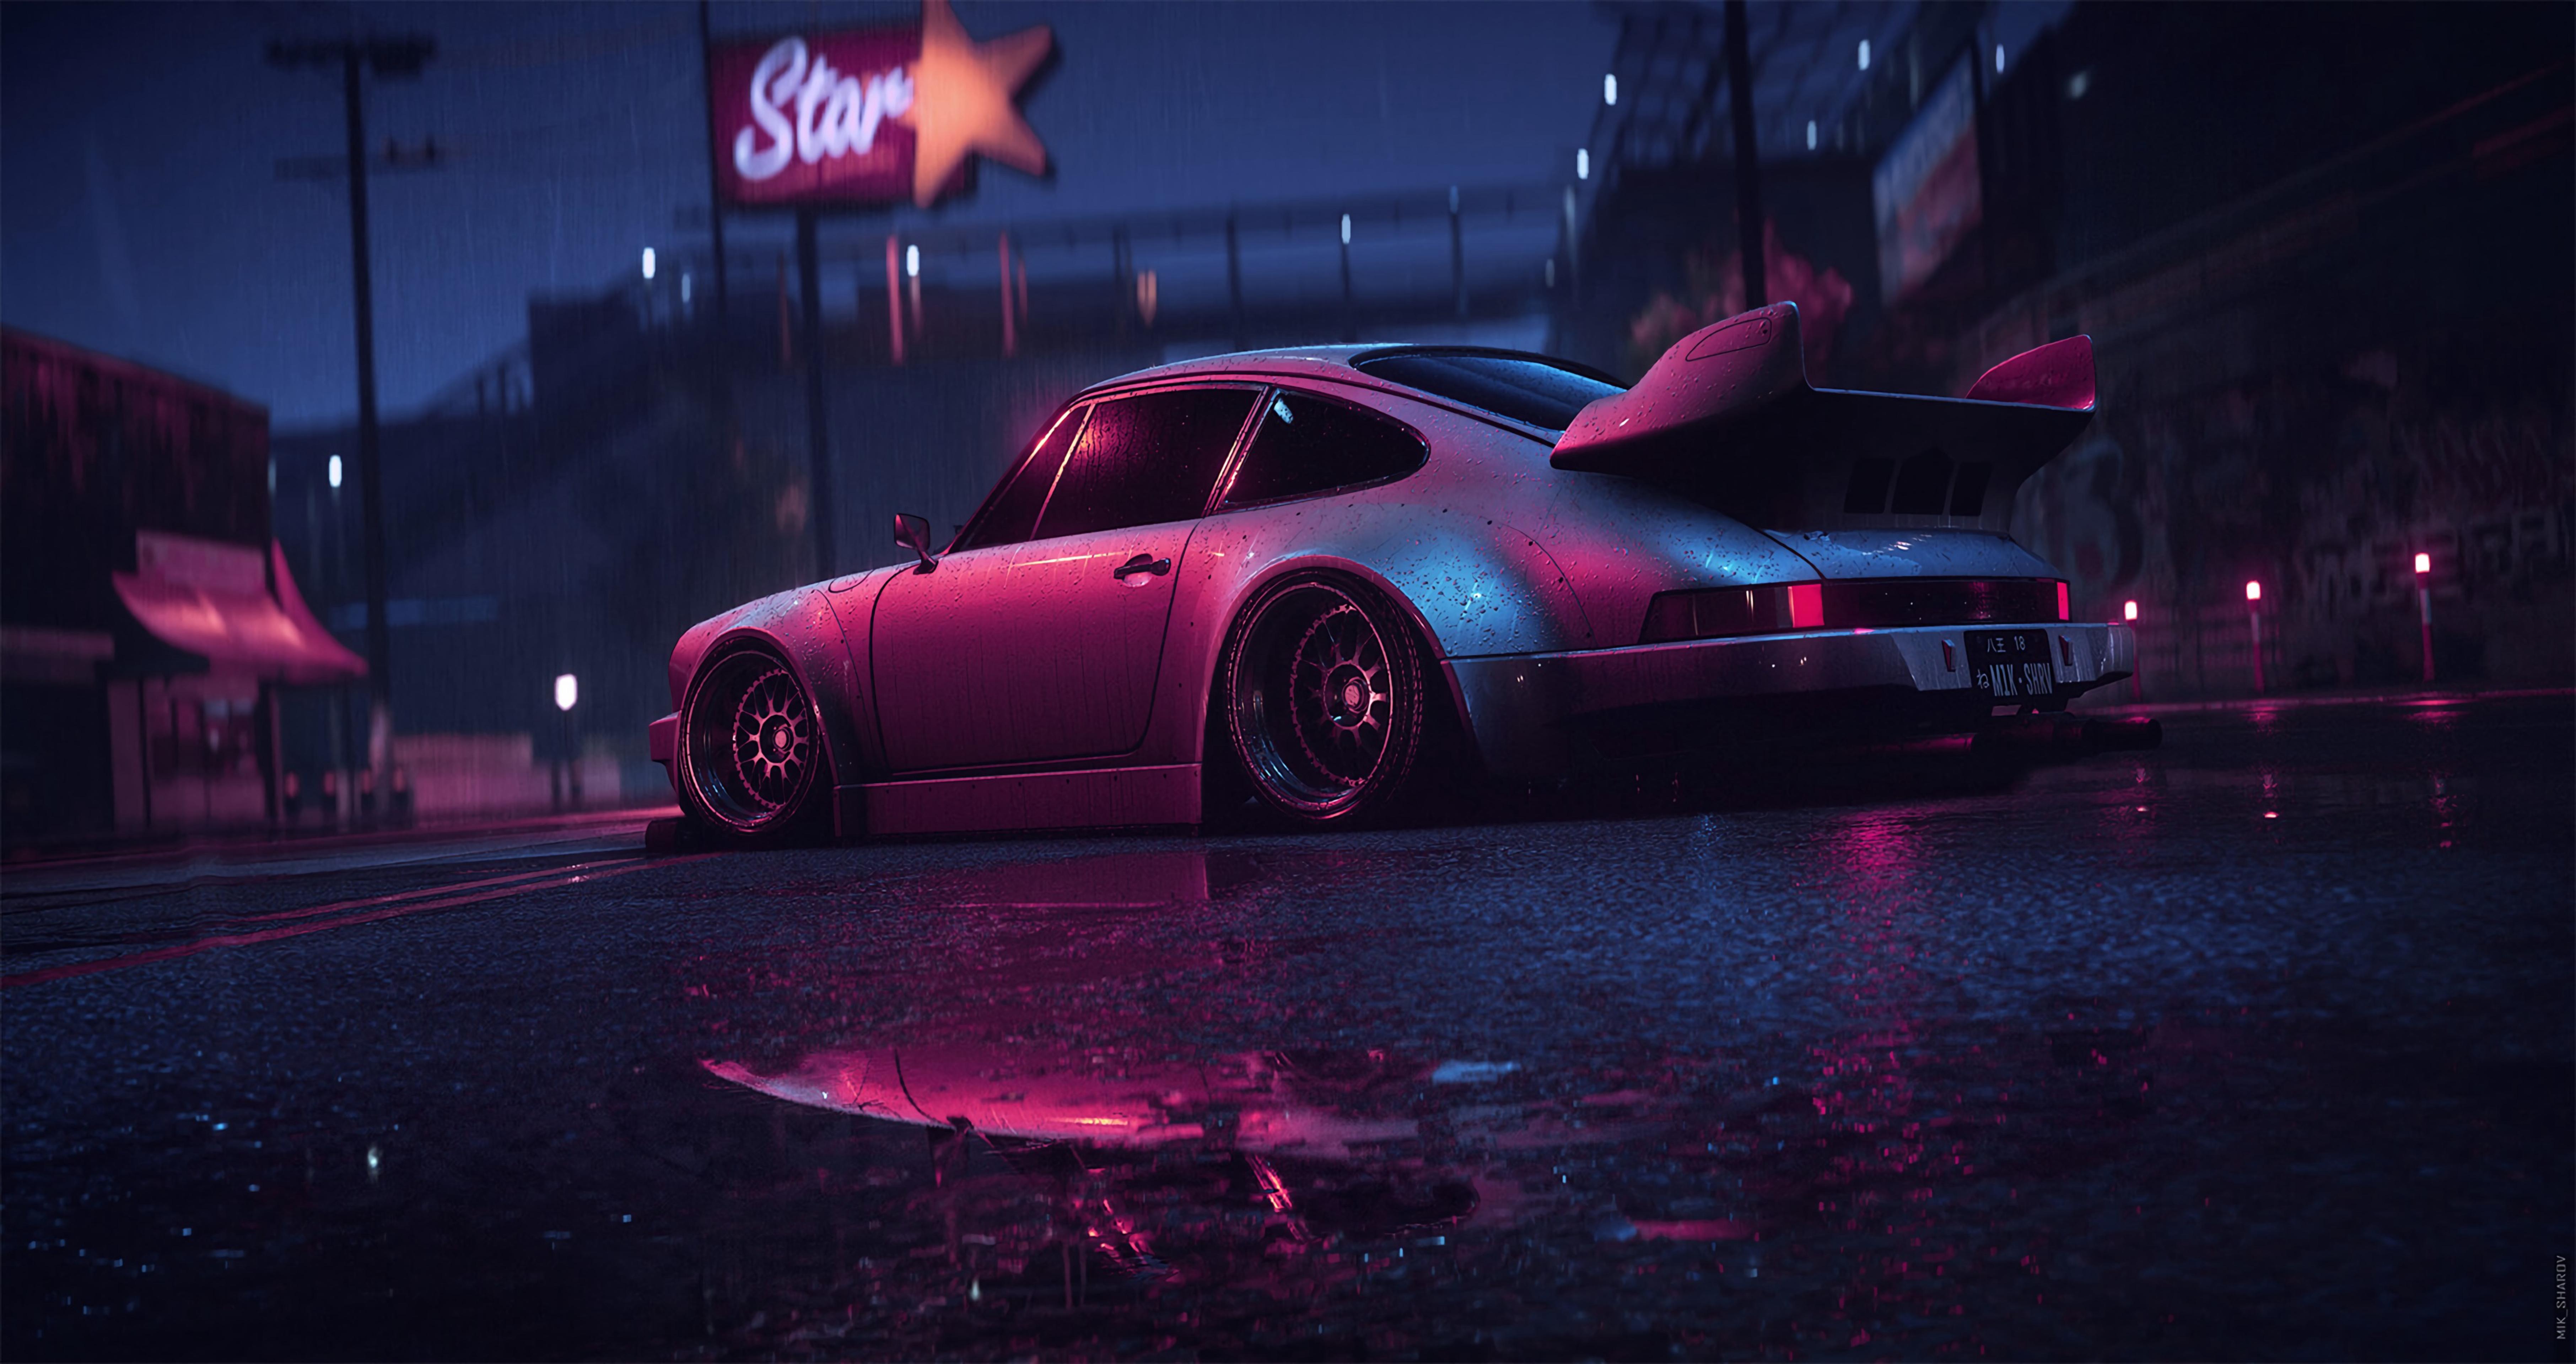 53726 Hintergrundbild herunterladen Porsche, Sport, Tuning, Übernachtung, Cars, Alt, Neon, Sportwagen, Porsche 911 Carrera Rsr - Bildschirmschoner und Bilder kostenlos